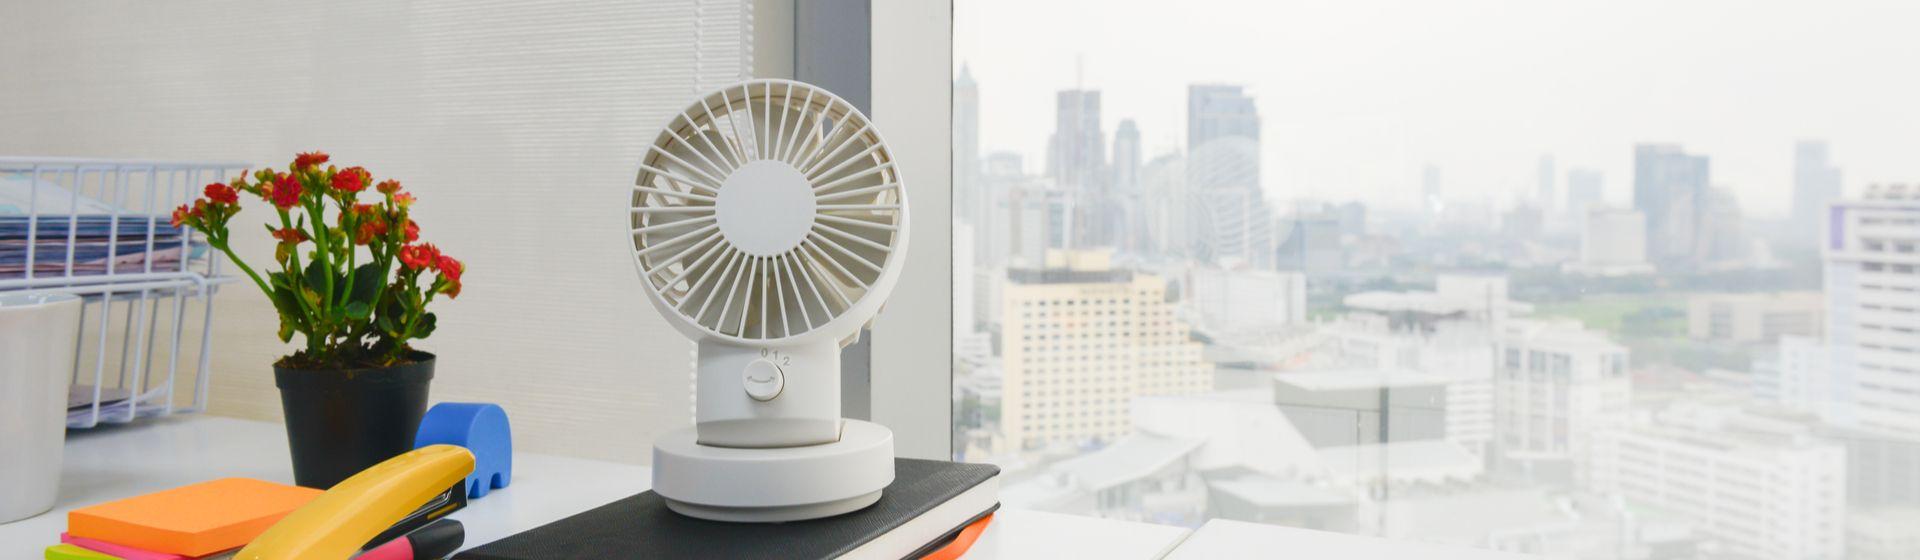 Mini ventilador portátil: conheça os melhores modelos